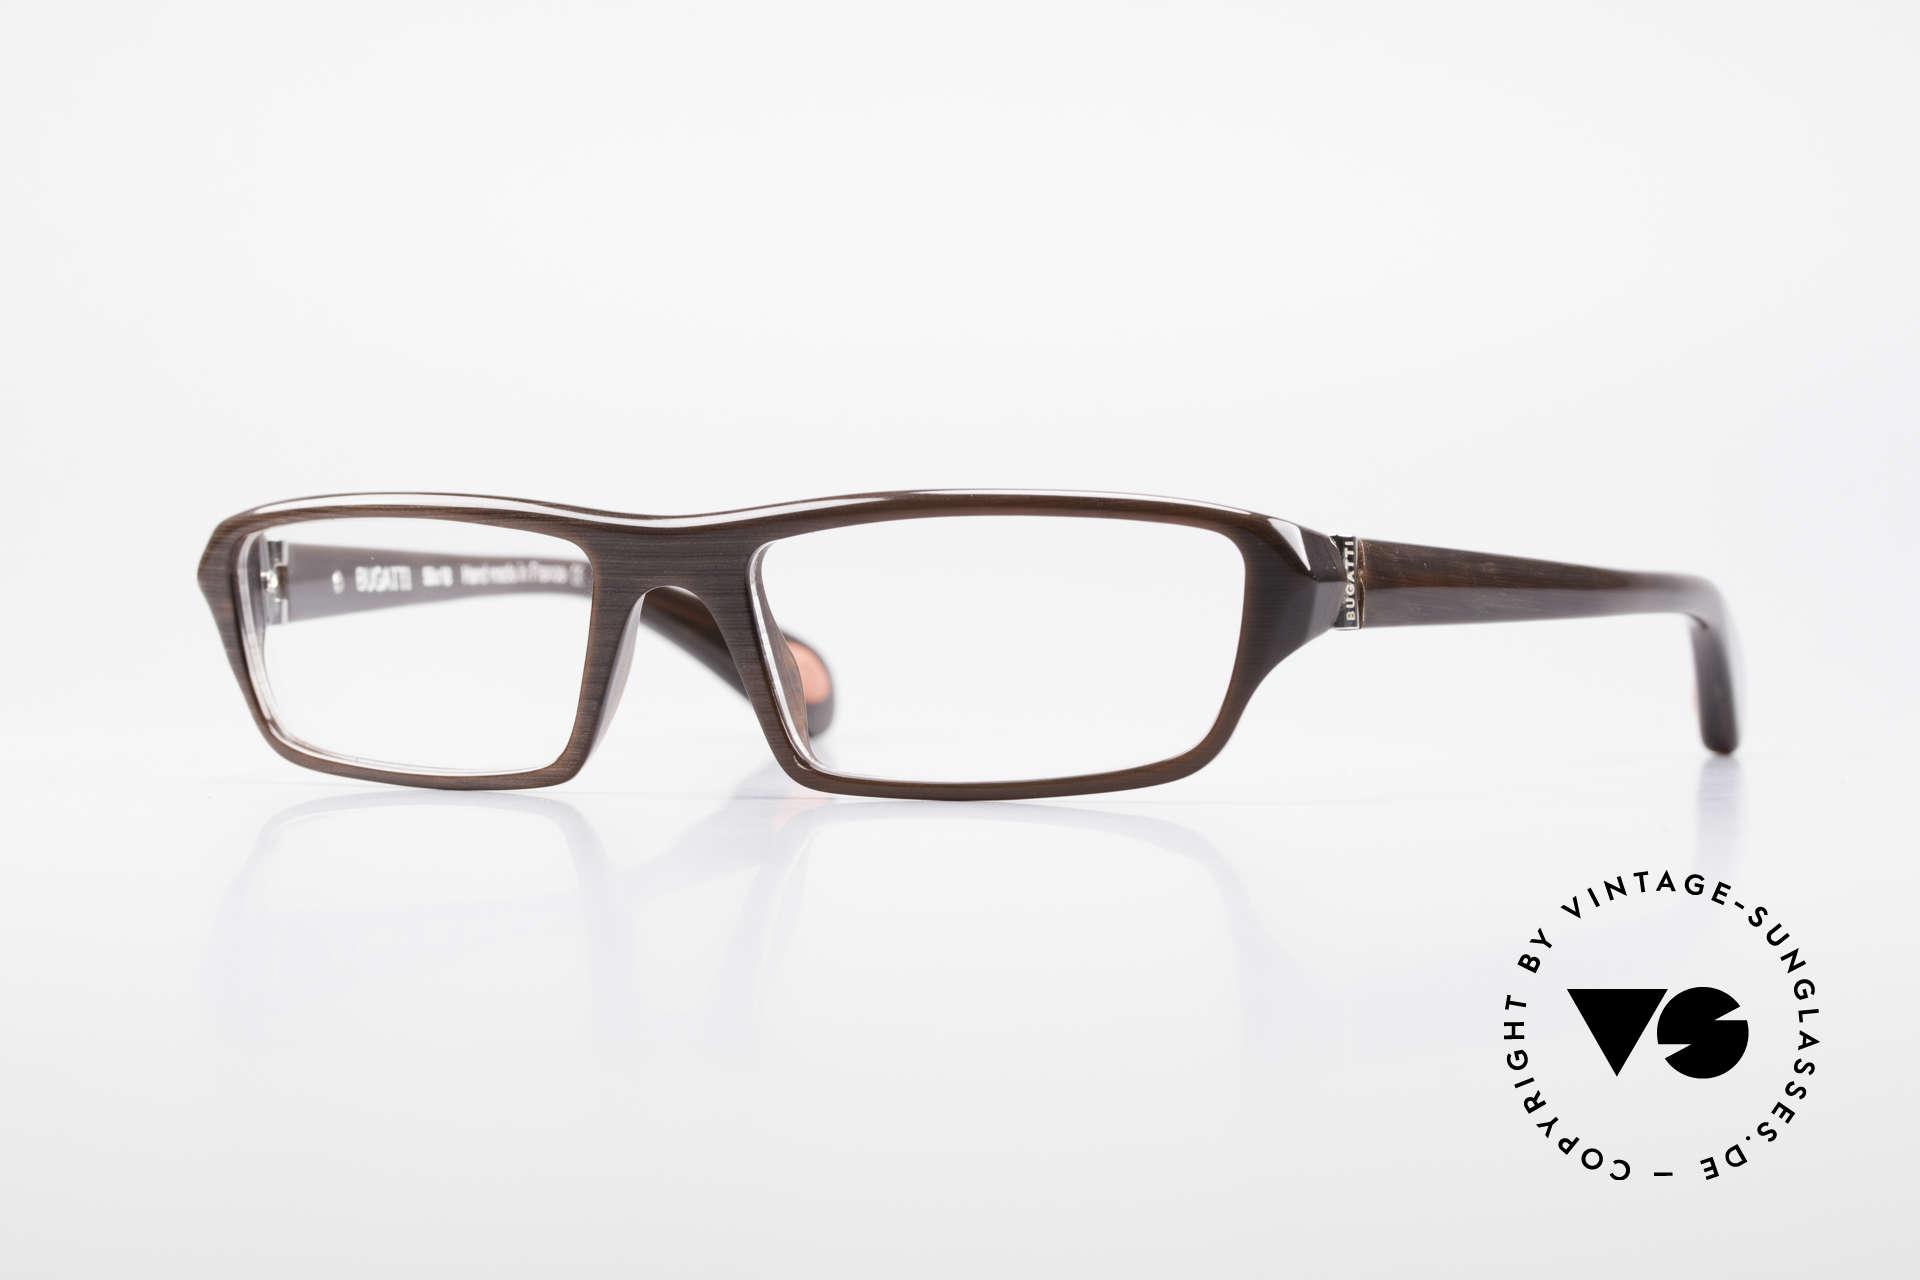 Bugatti 470 Herren Designerbrille Limited, klassische high-tech Brillenfassung von Bugatti, Passend für Herren